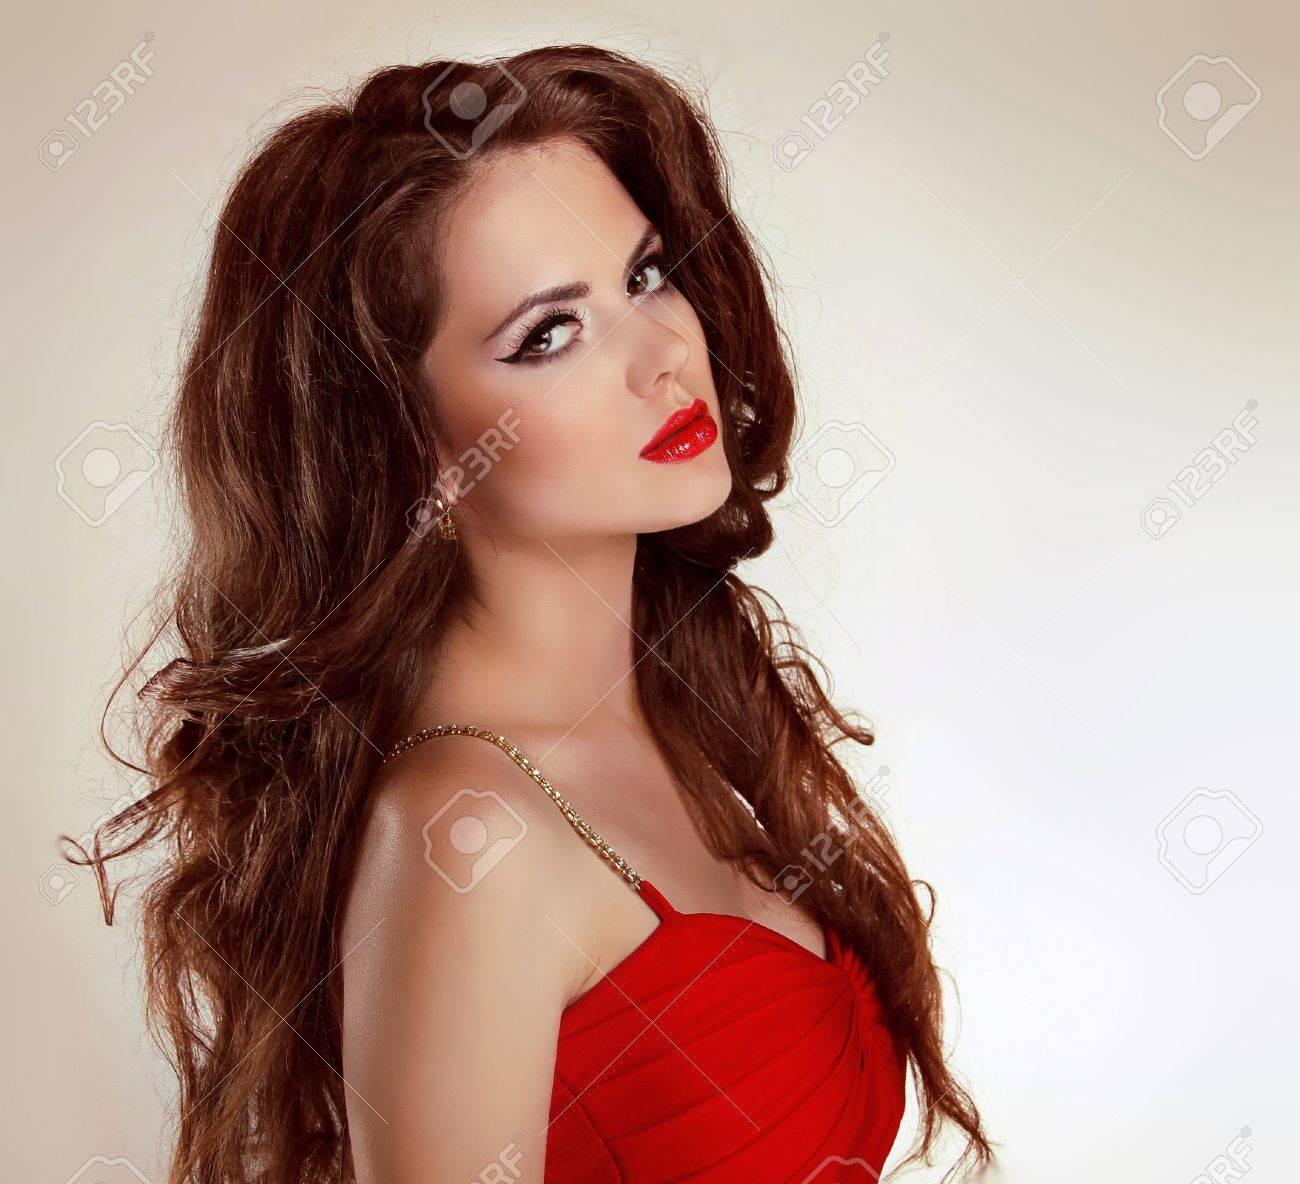 Самые красивые девушки брюнетки в платьях 7 фотография